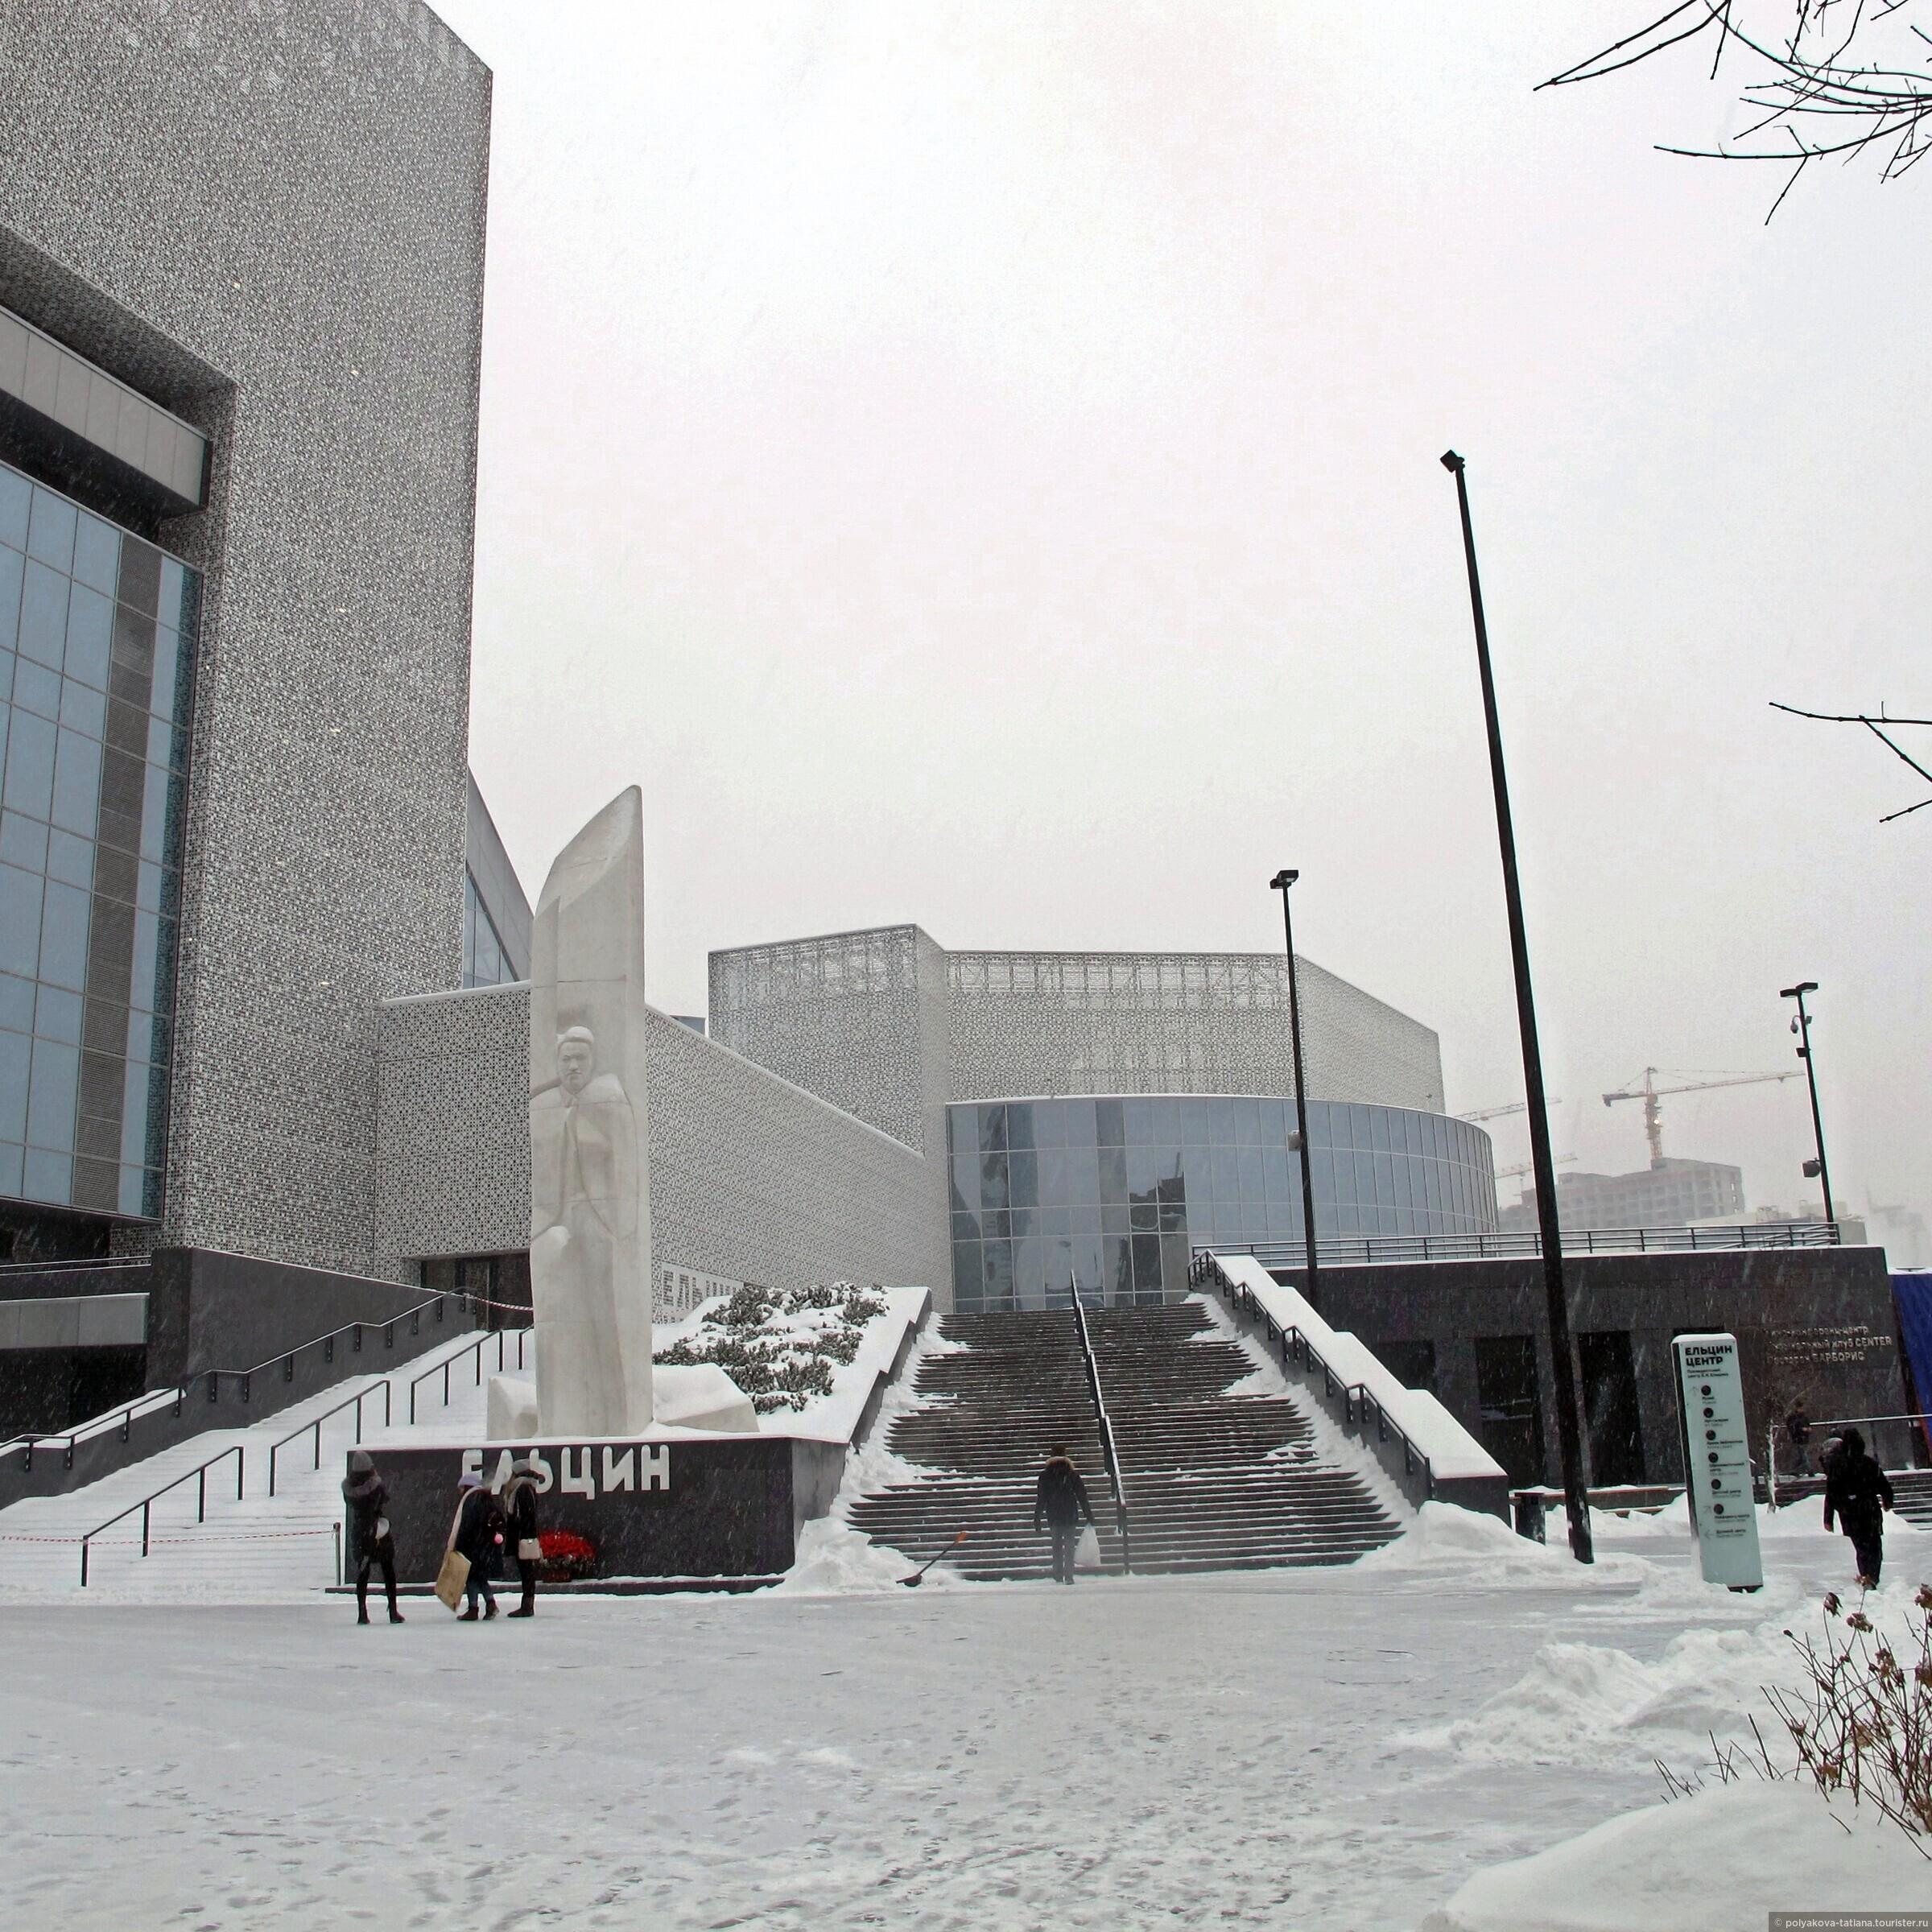 В день рождения первого президента — экскурсия в Ельцин Центр